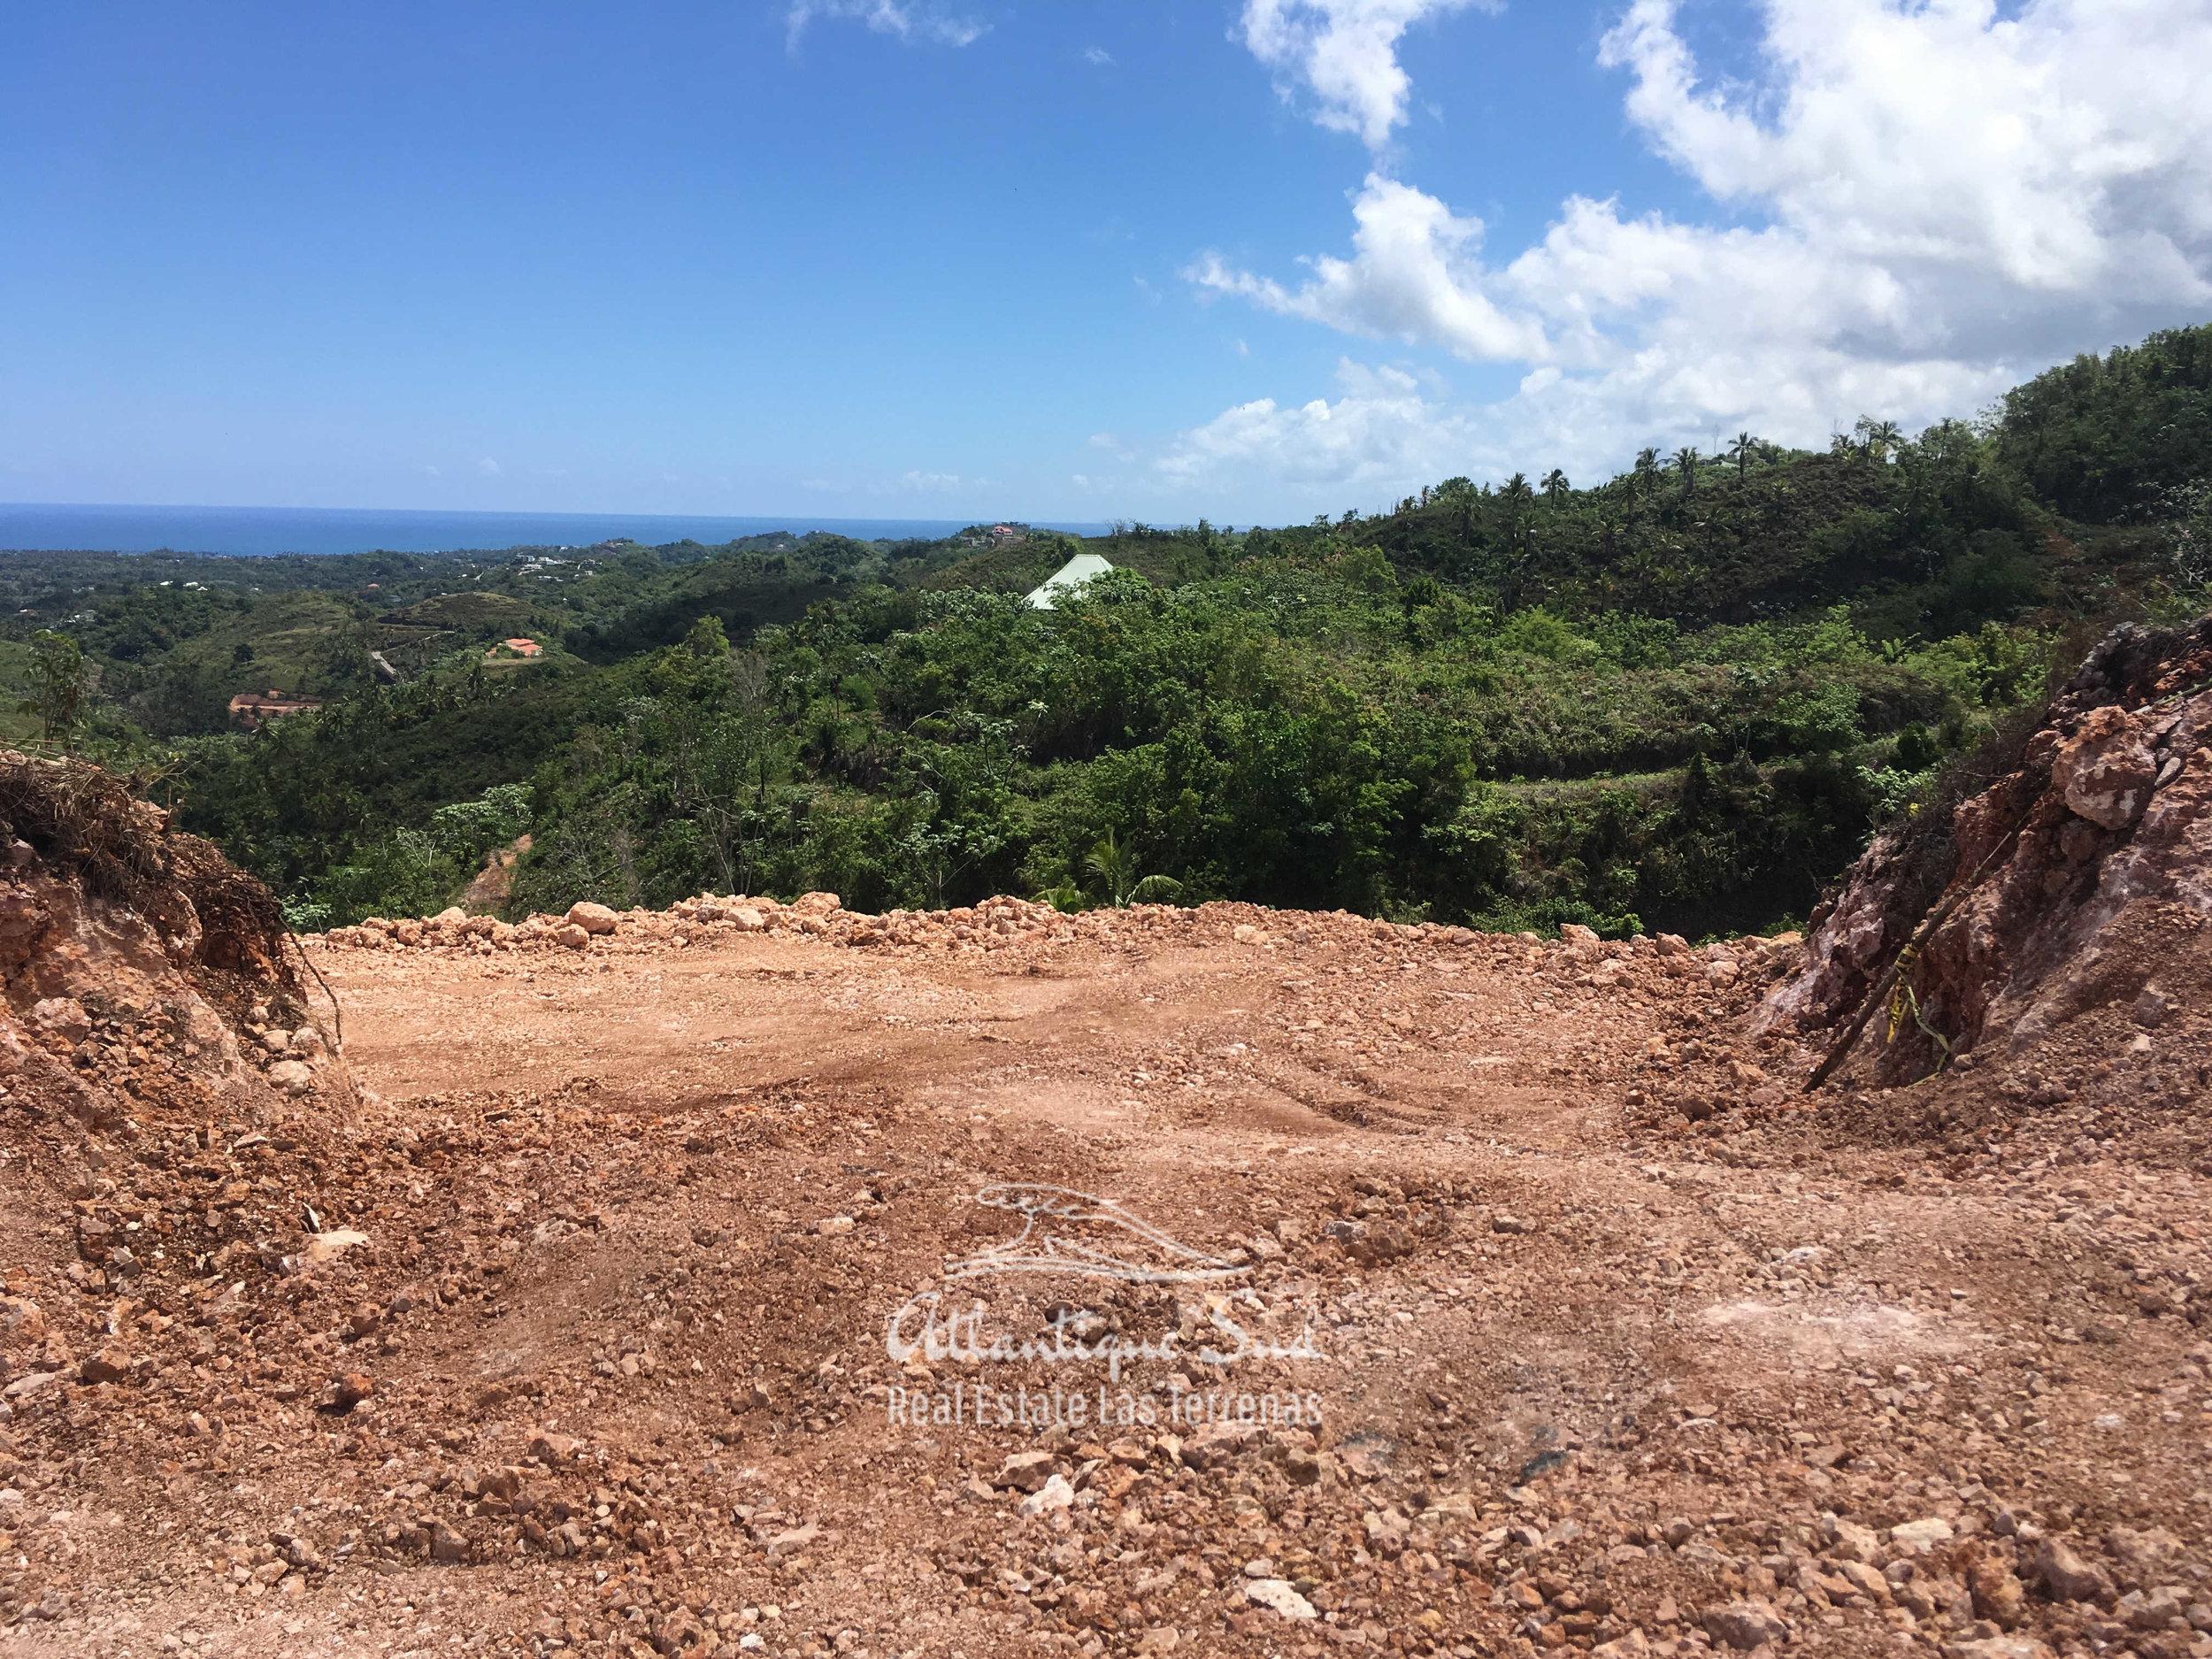 Lots with villas to build in Coson las terrenas19.jpg